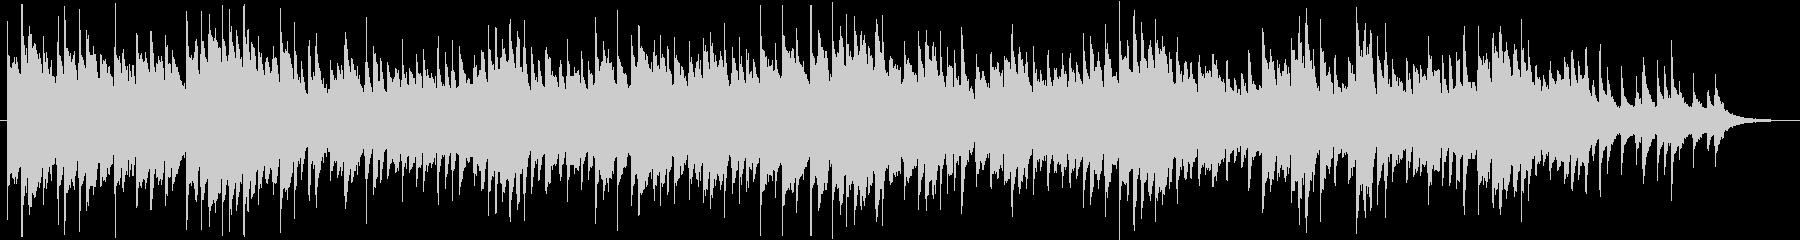 シンプルでアンビエントなピアノ曲の未再生の波形